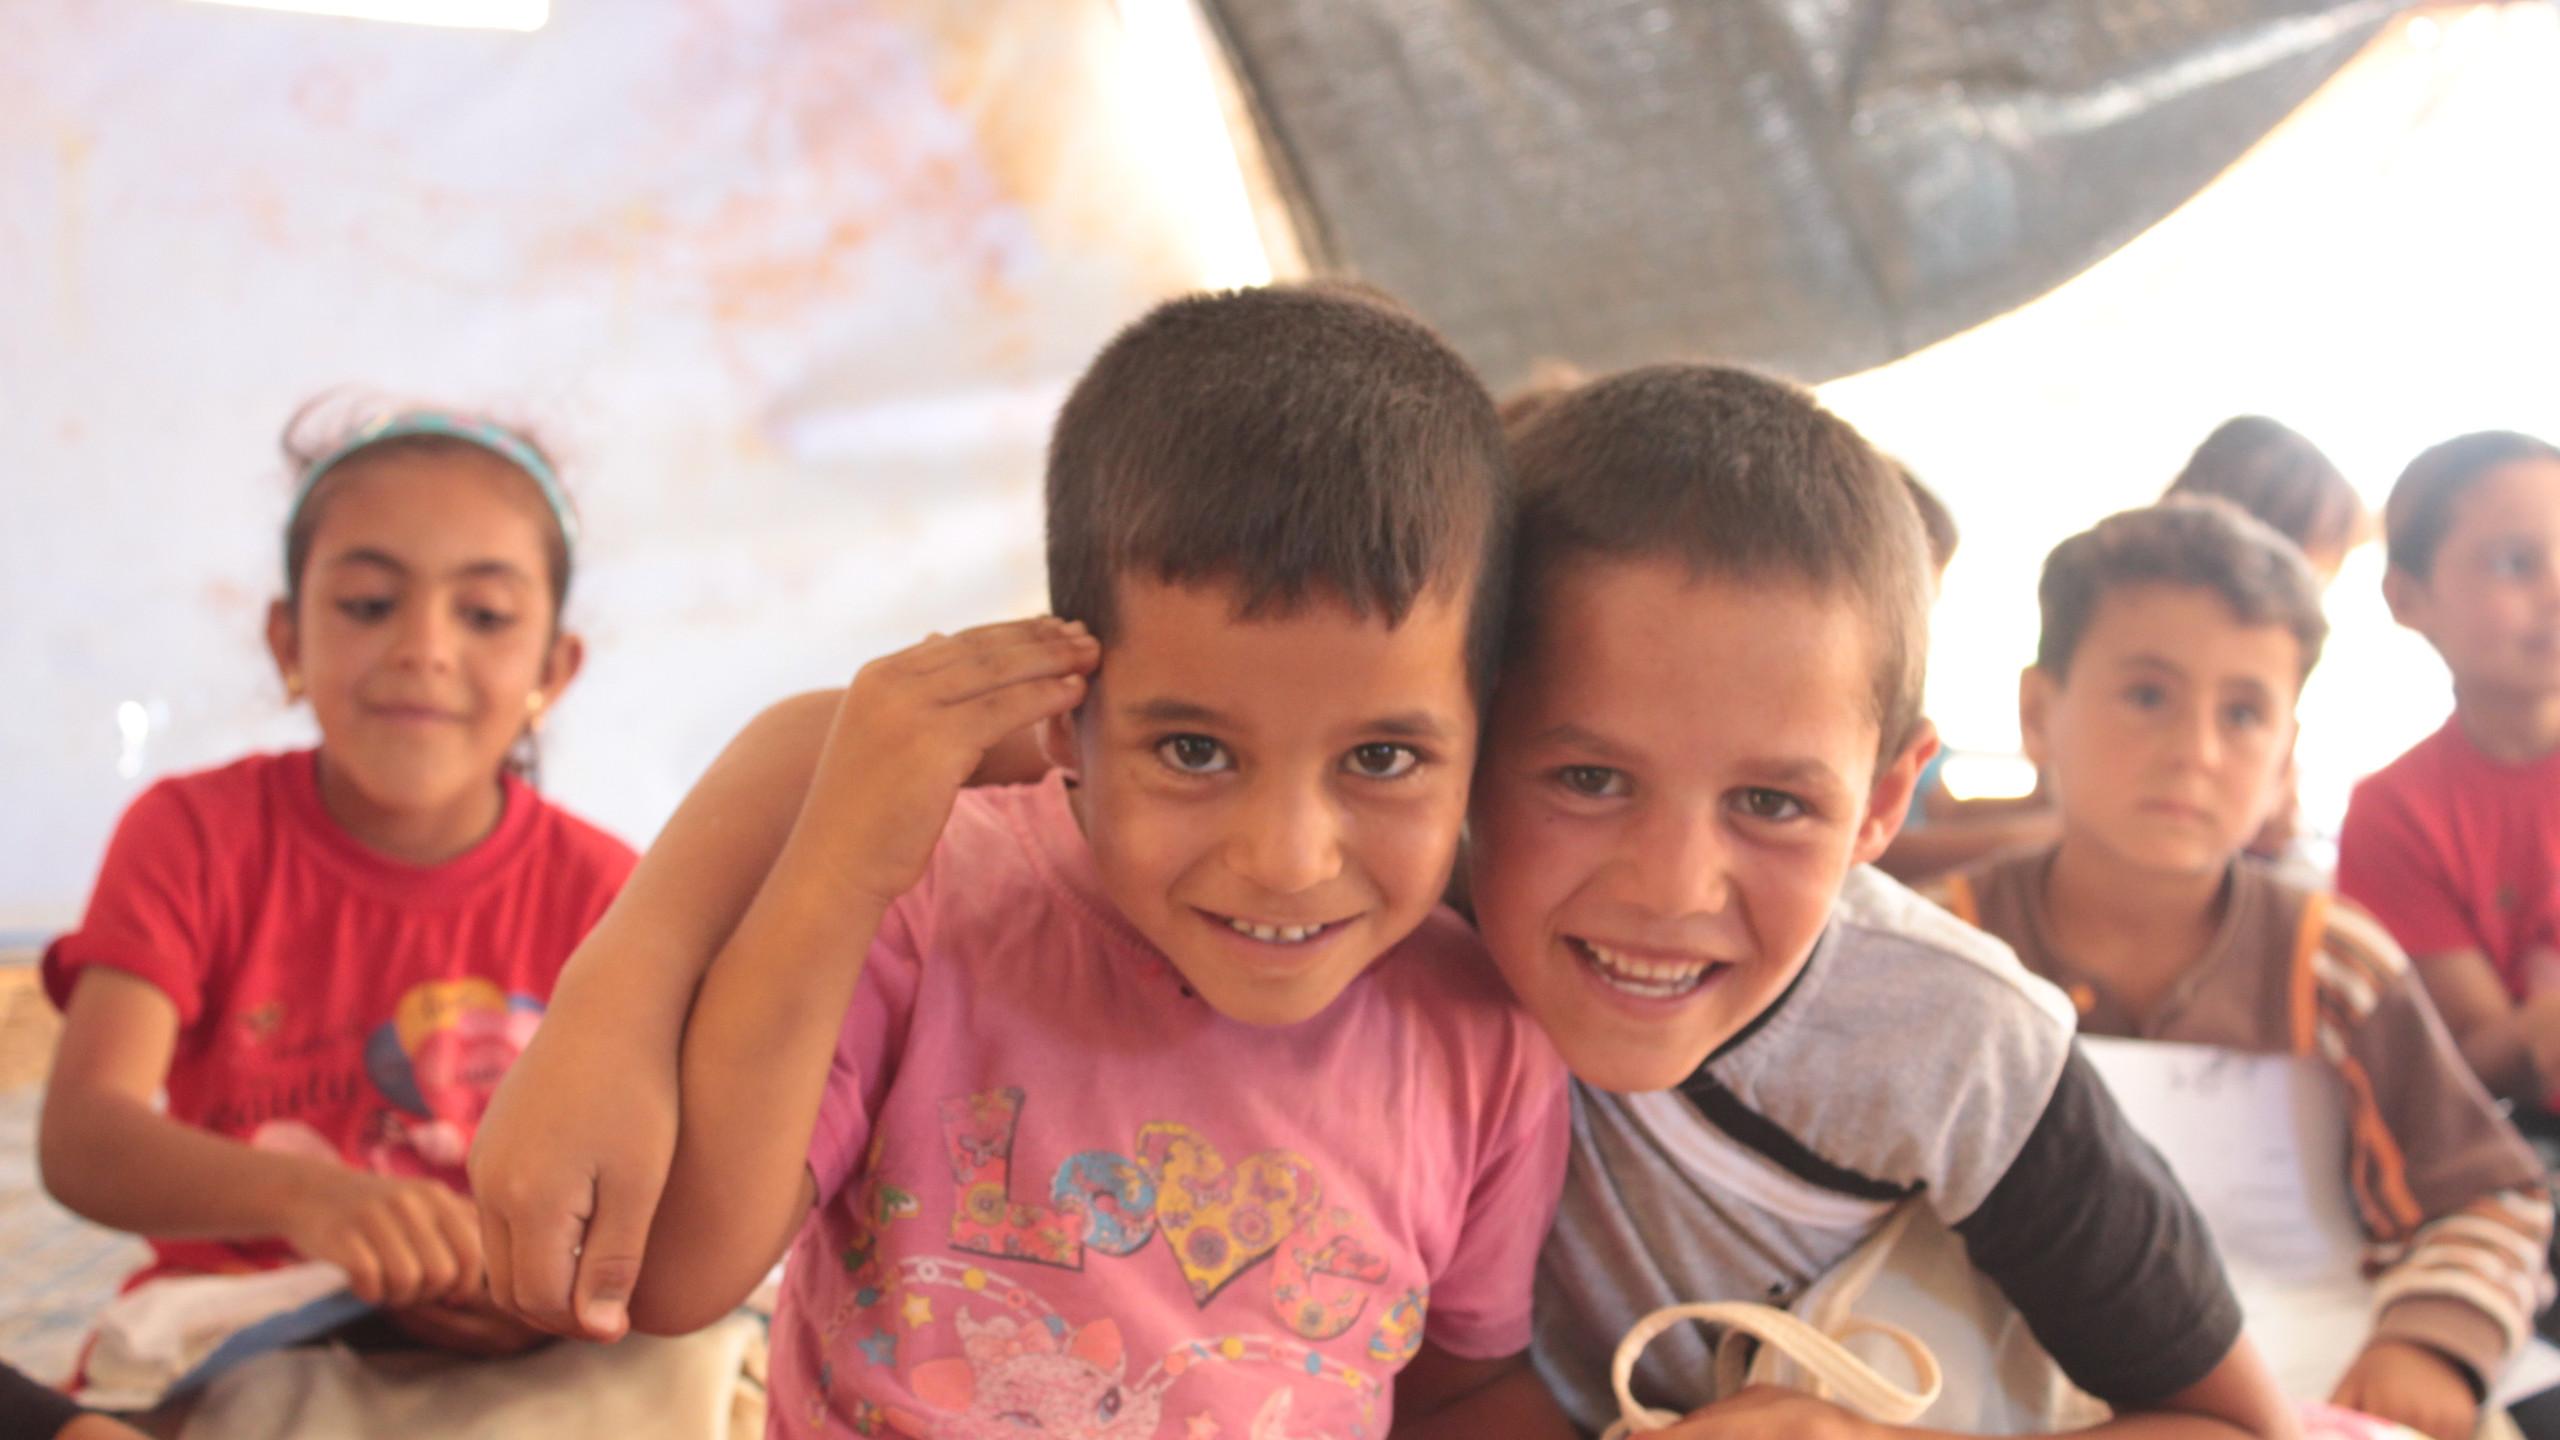 子ども達の自然な笑顔